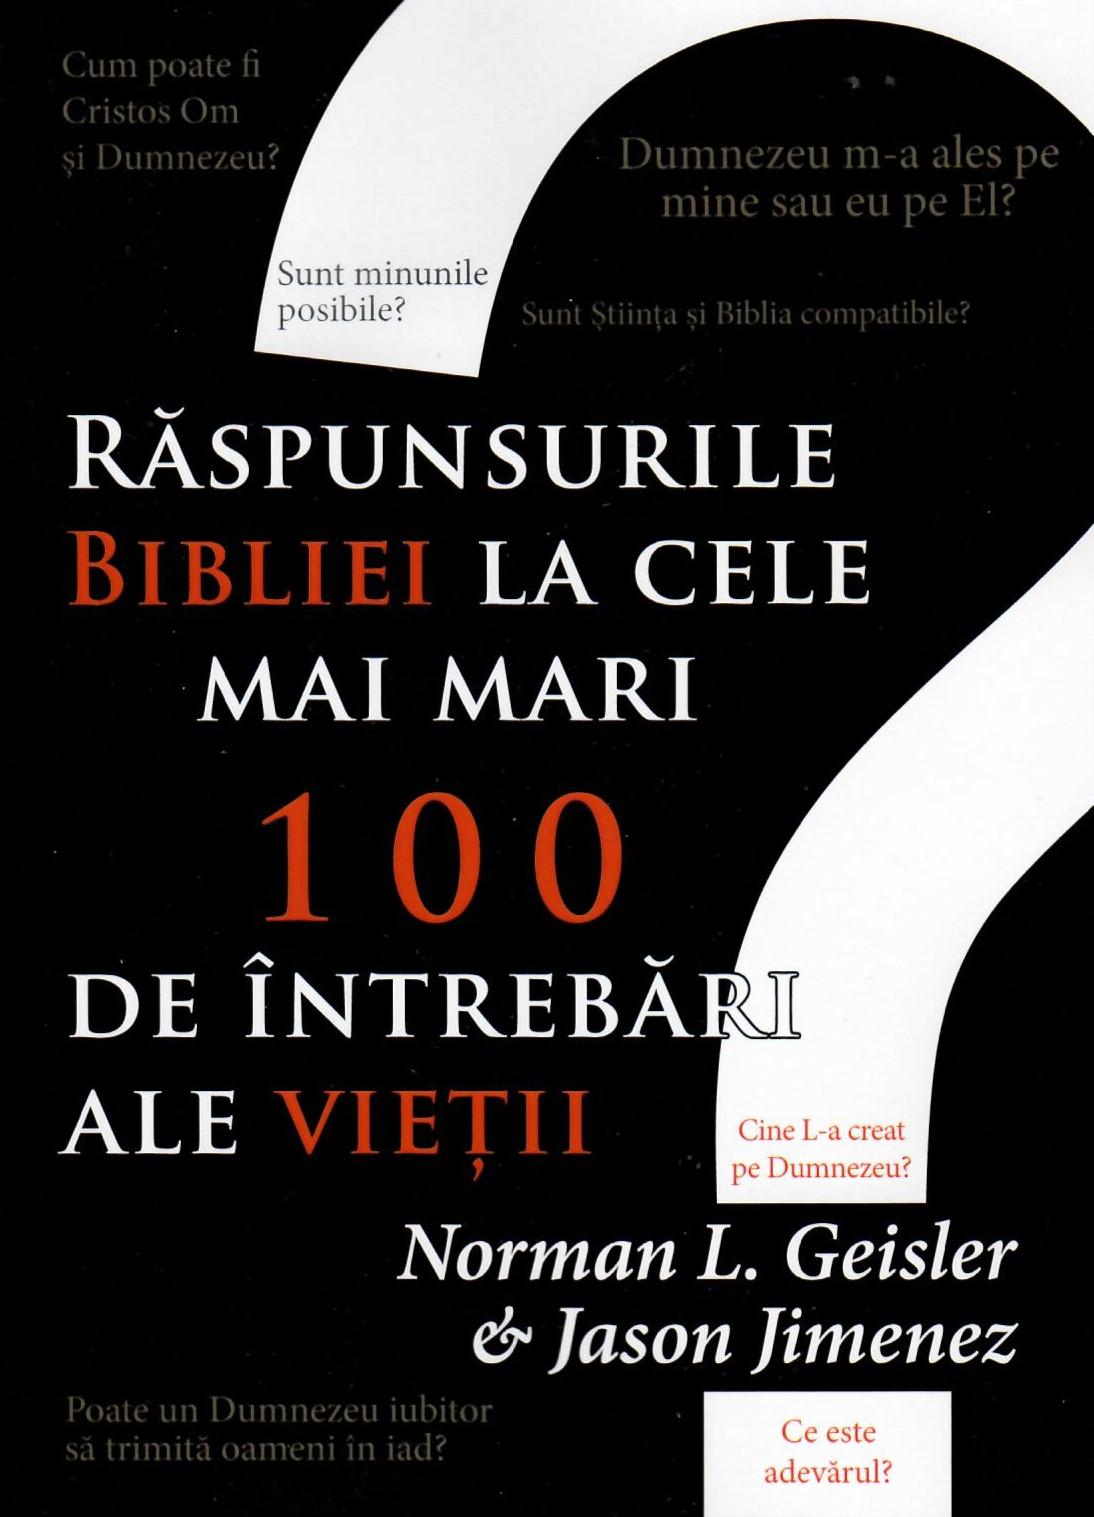 Raspunsurile Bibliei la cele mai mari 100 de intrebari ale vietii